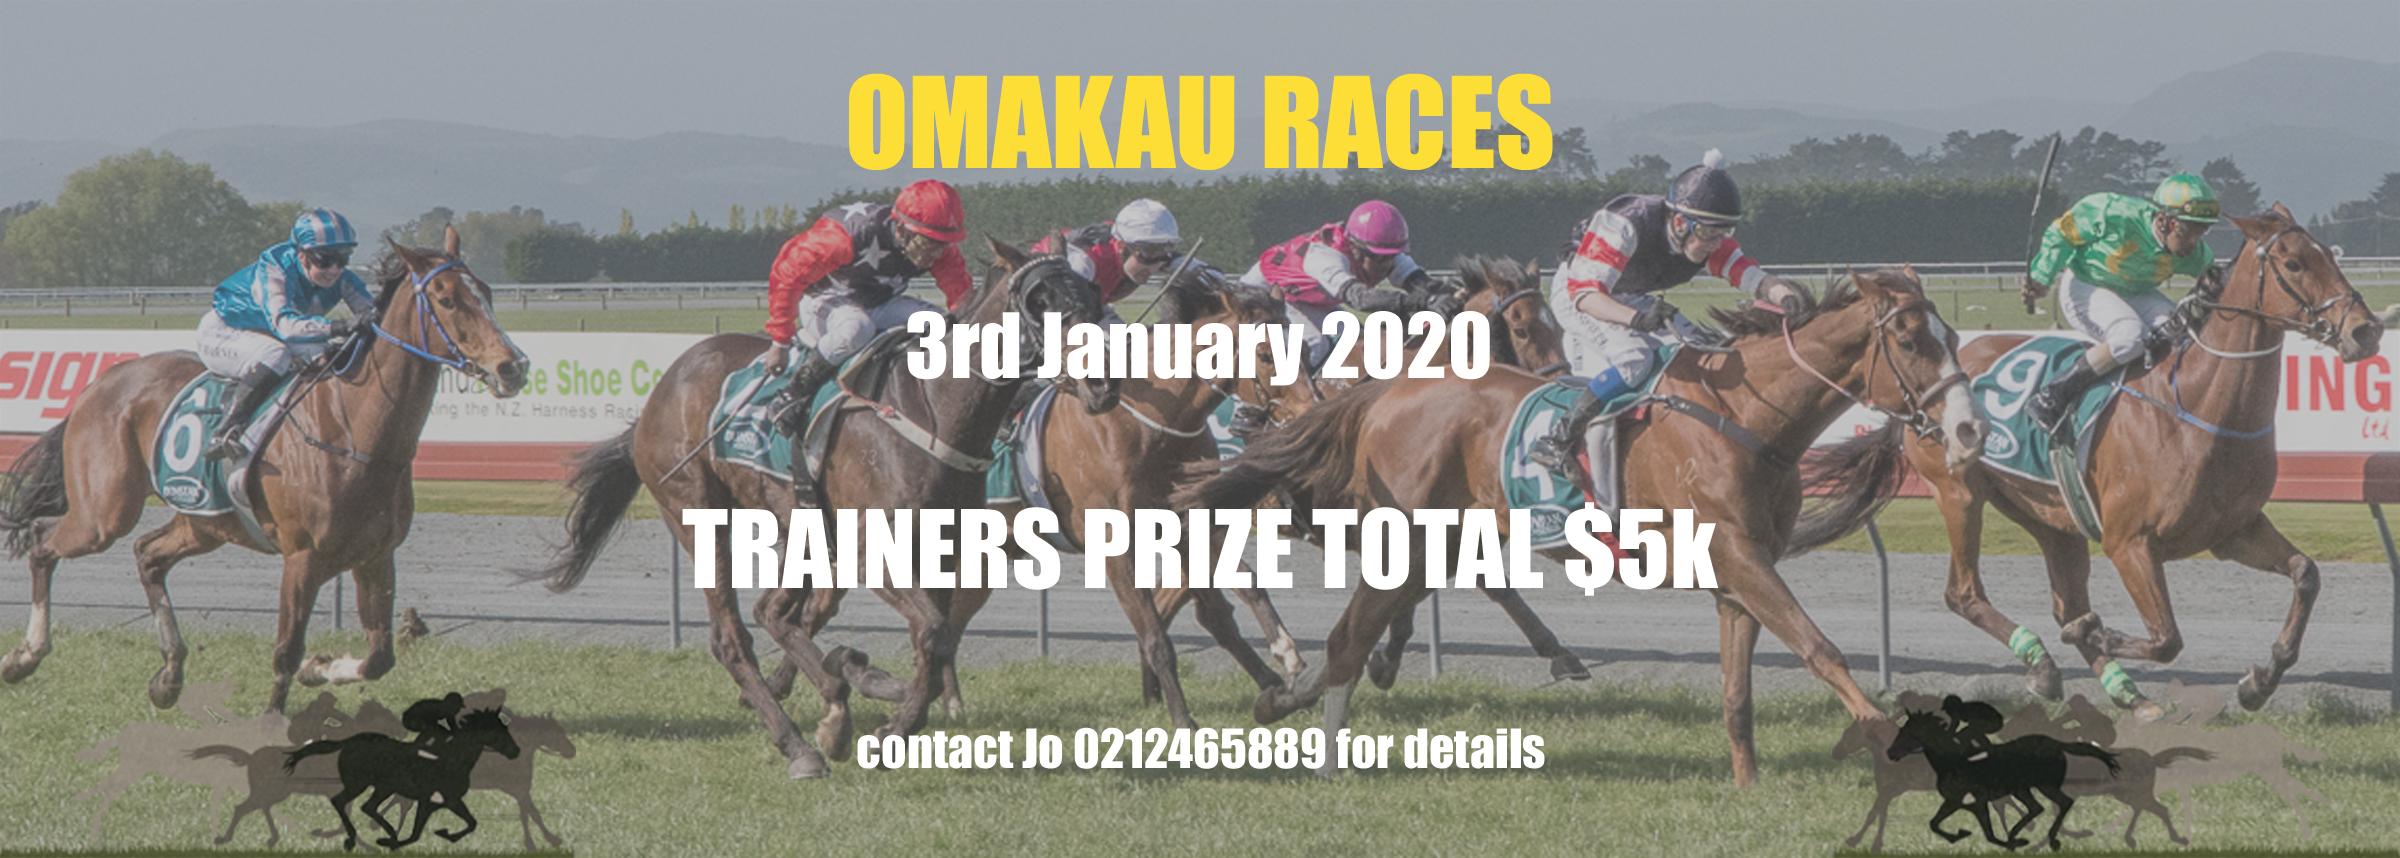 Omakau_Races_Ad